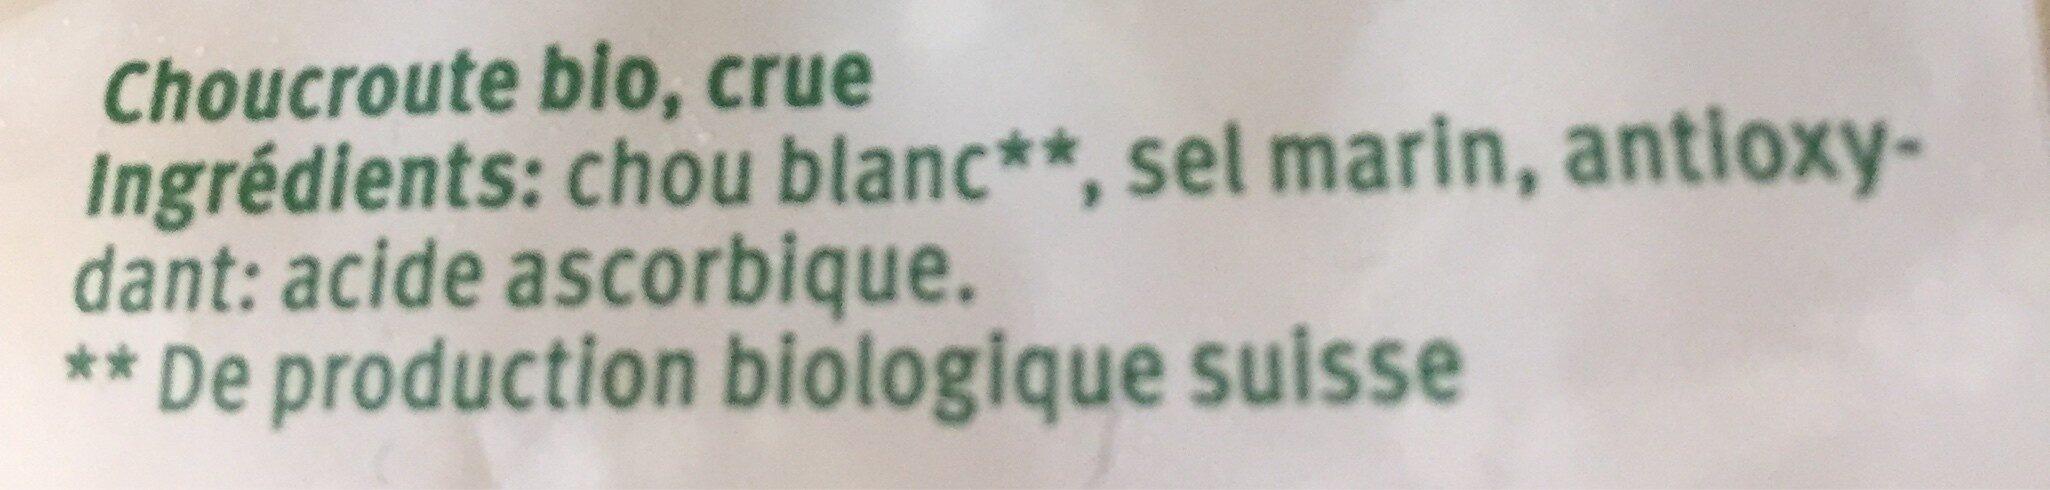 Choucroute crue - Ingrédients